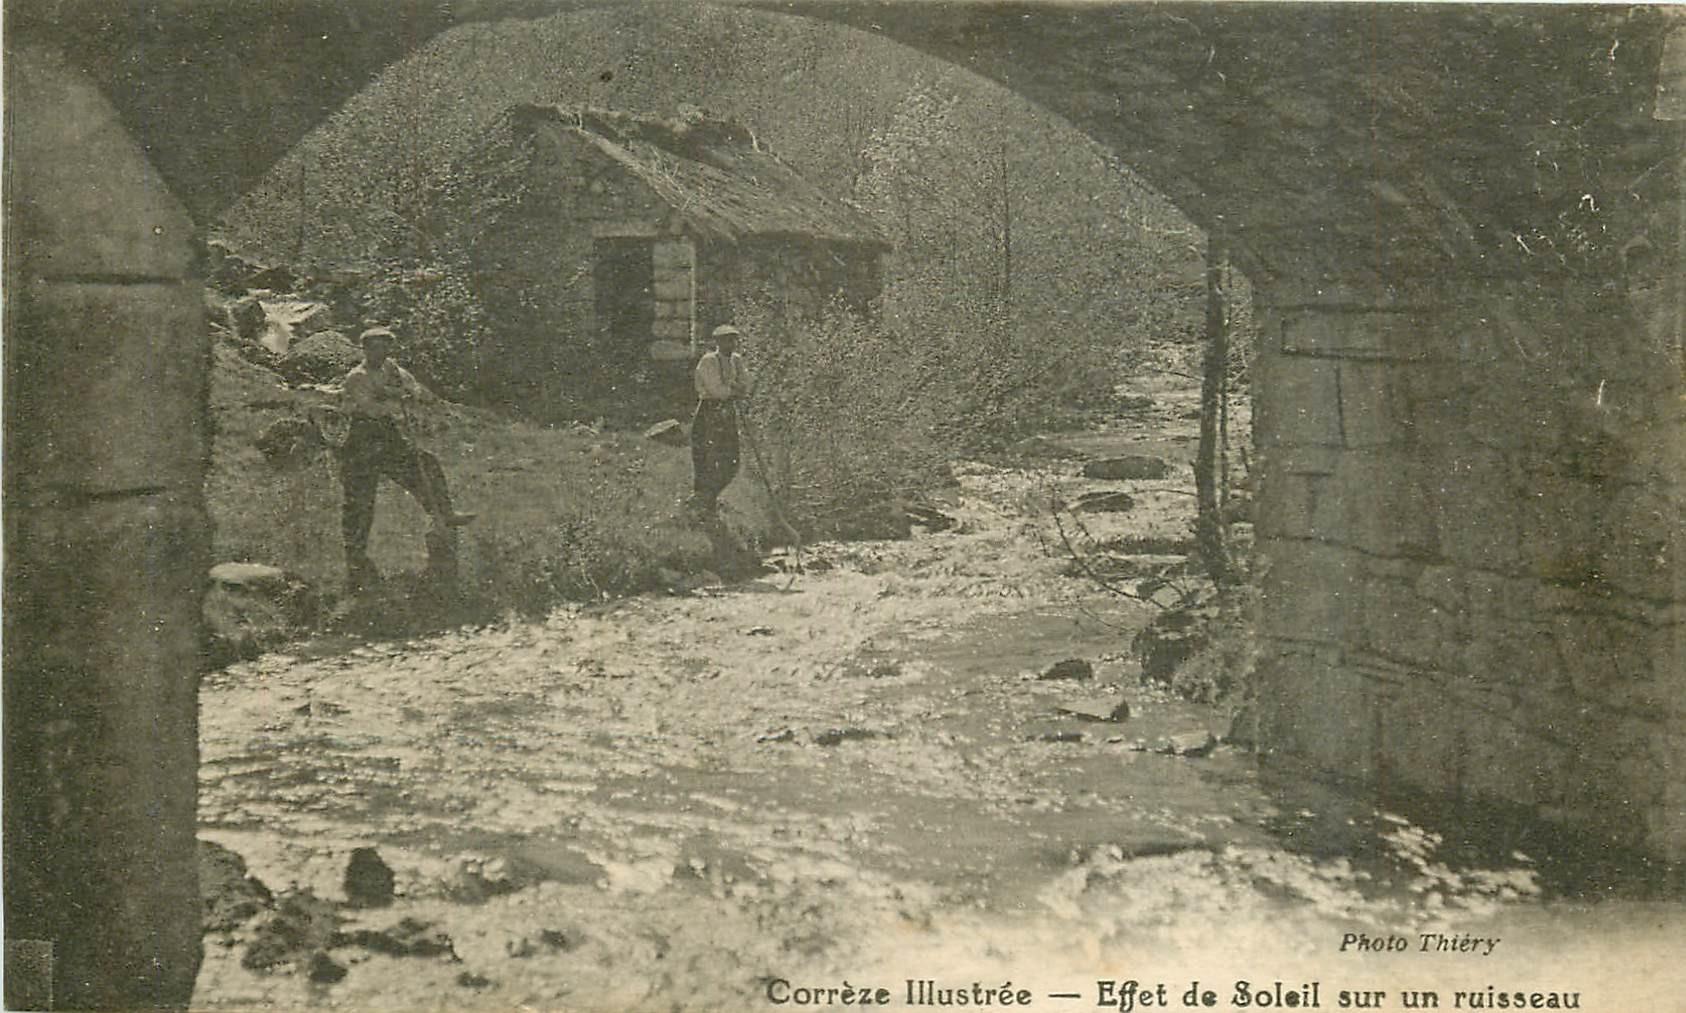 19 CORREZE. Rare Ouvriers avec effet de Soleil sur un Ruisseau 1929